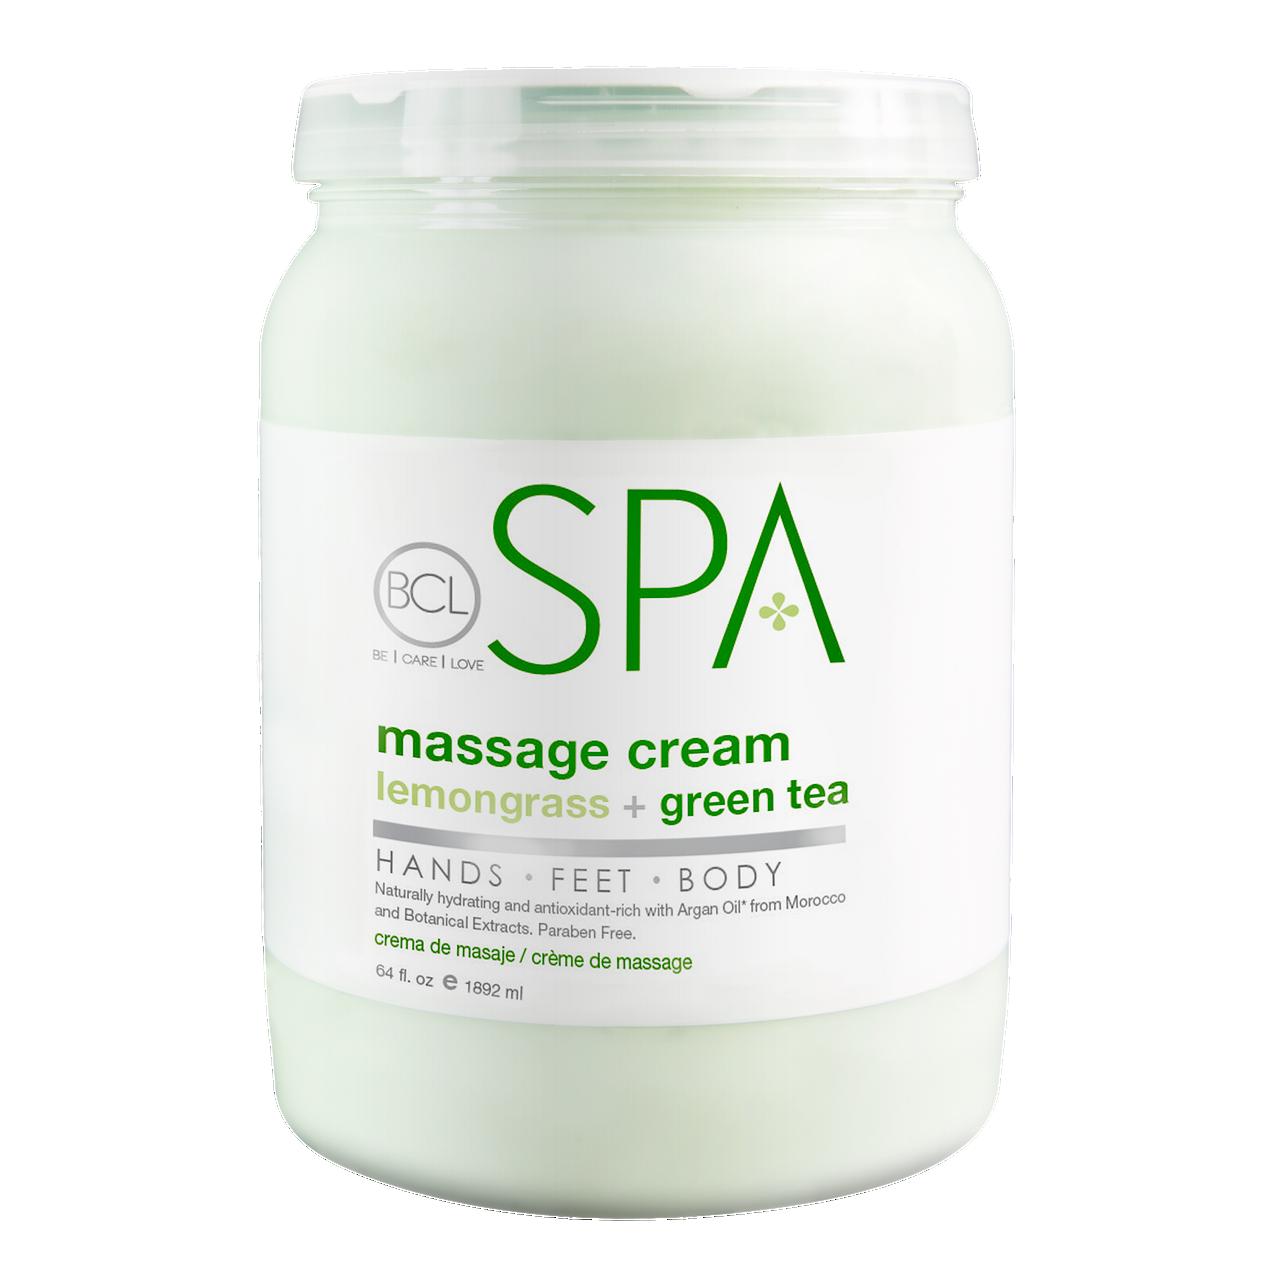 BCL SPA 64 oz. Massage Cream Lemongrass + Green Tea